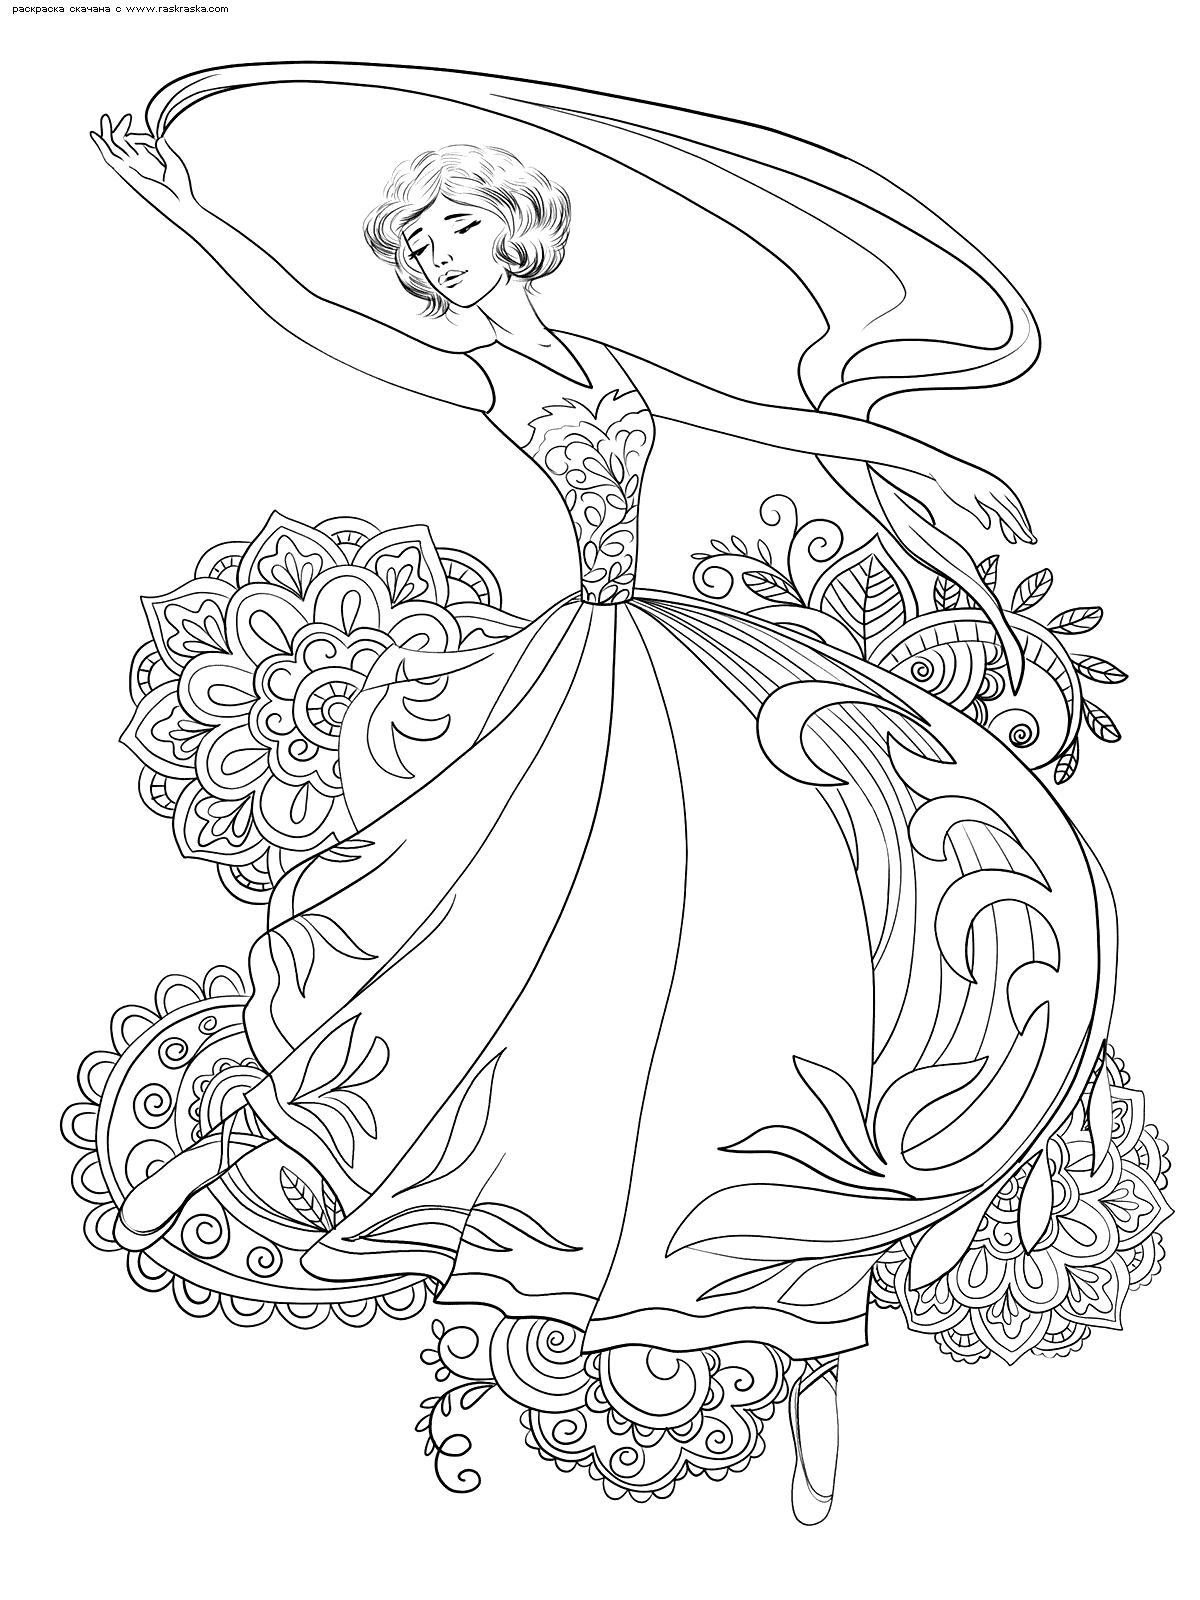 Раскраска Балерина | Раскраски антистресс Девушки. Сложные ...